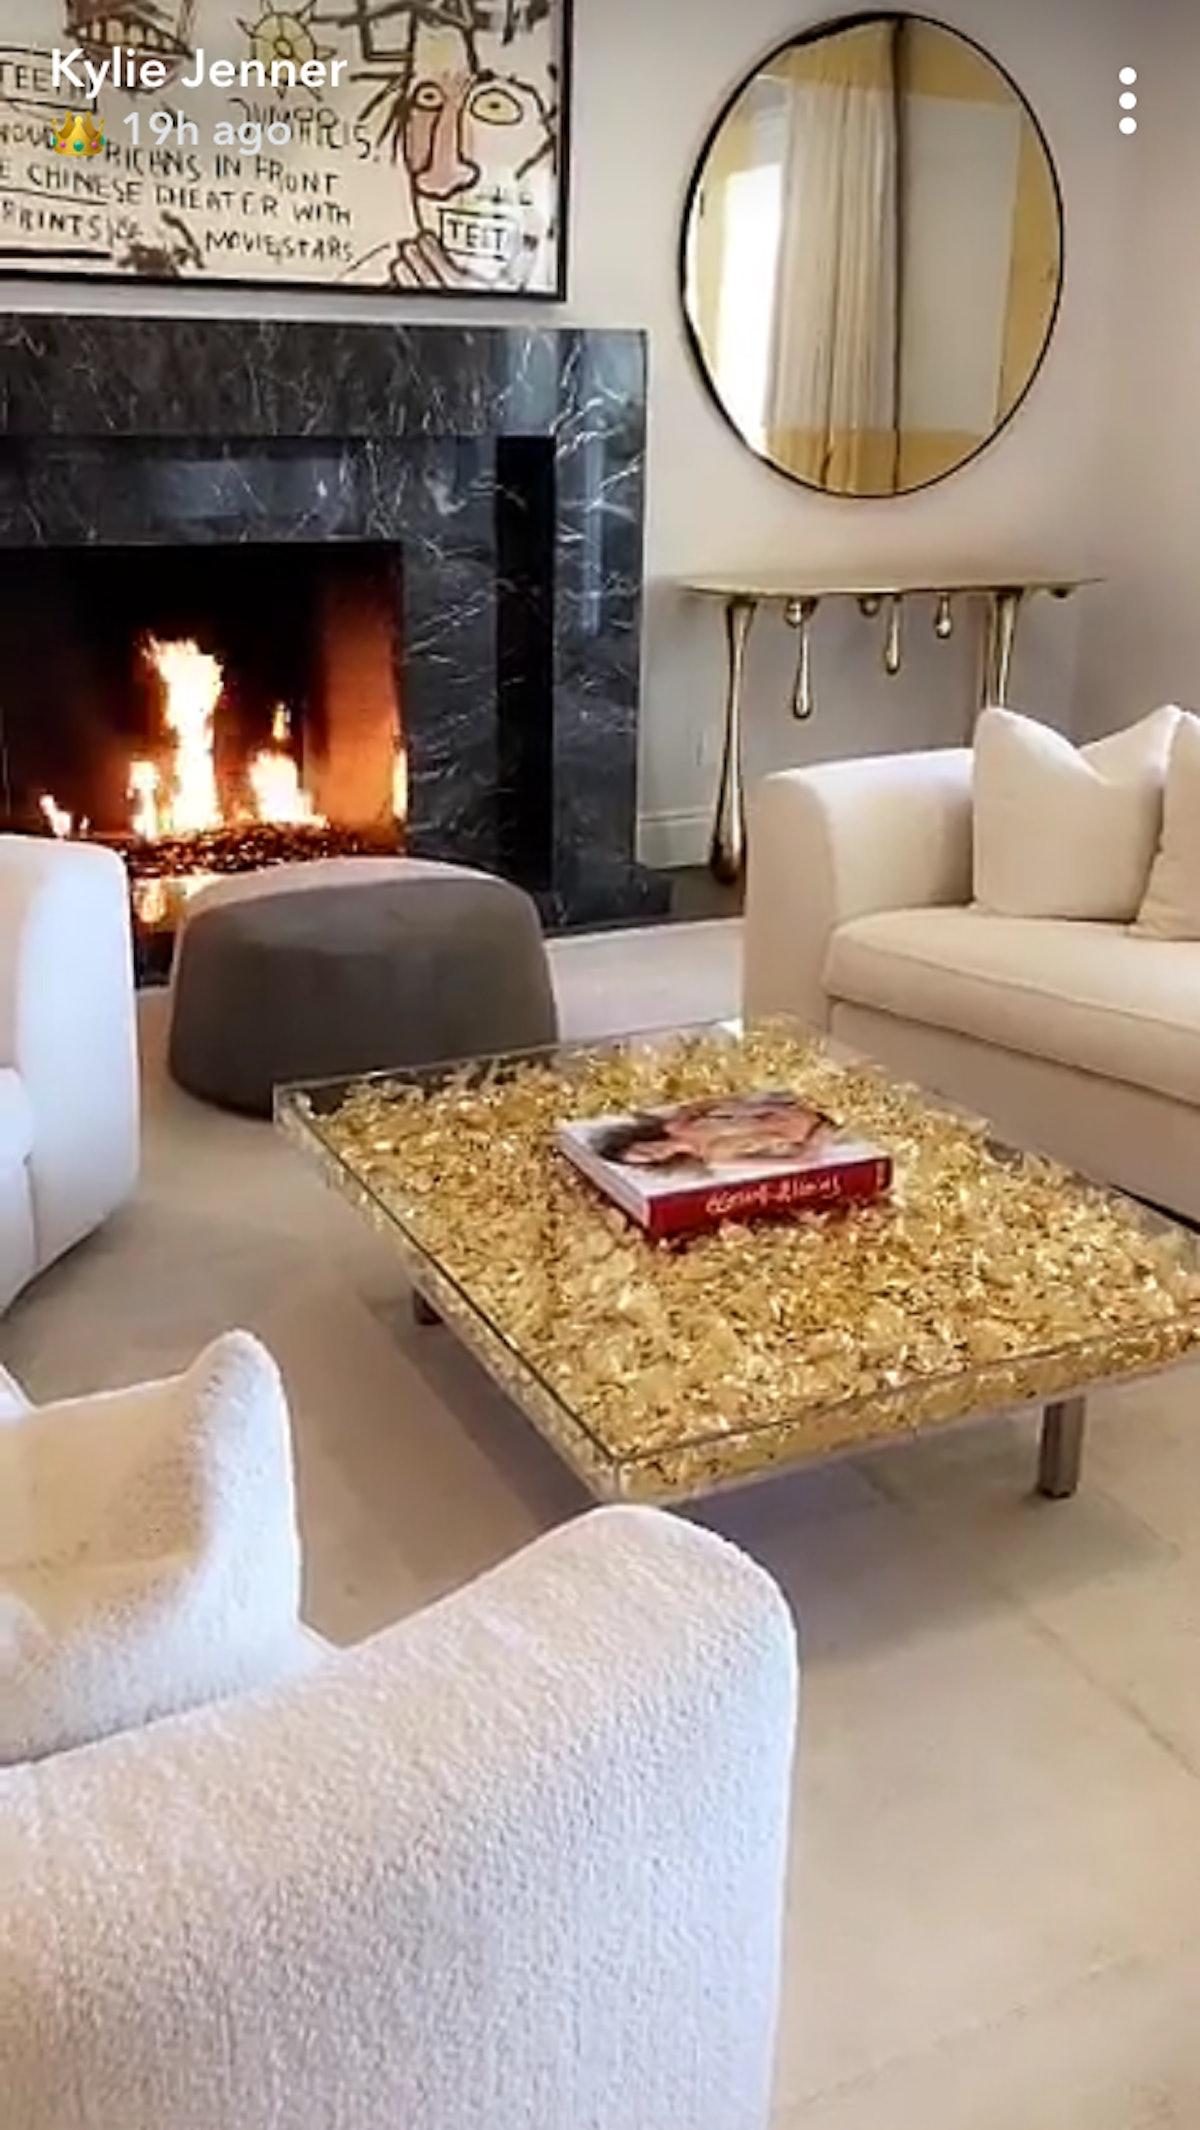 kylie-jenner-living-room.PNG